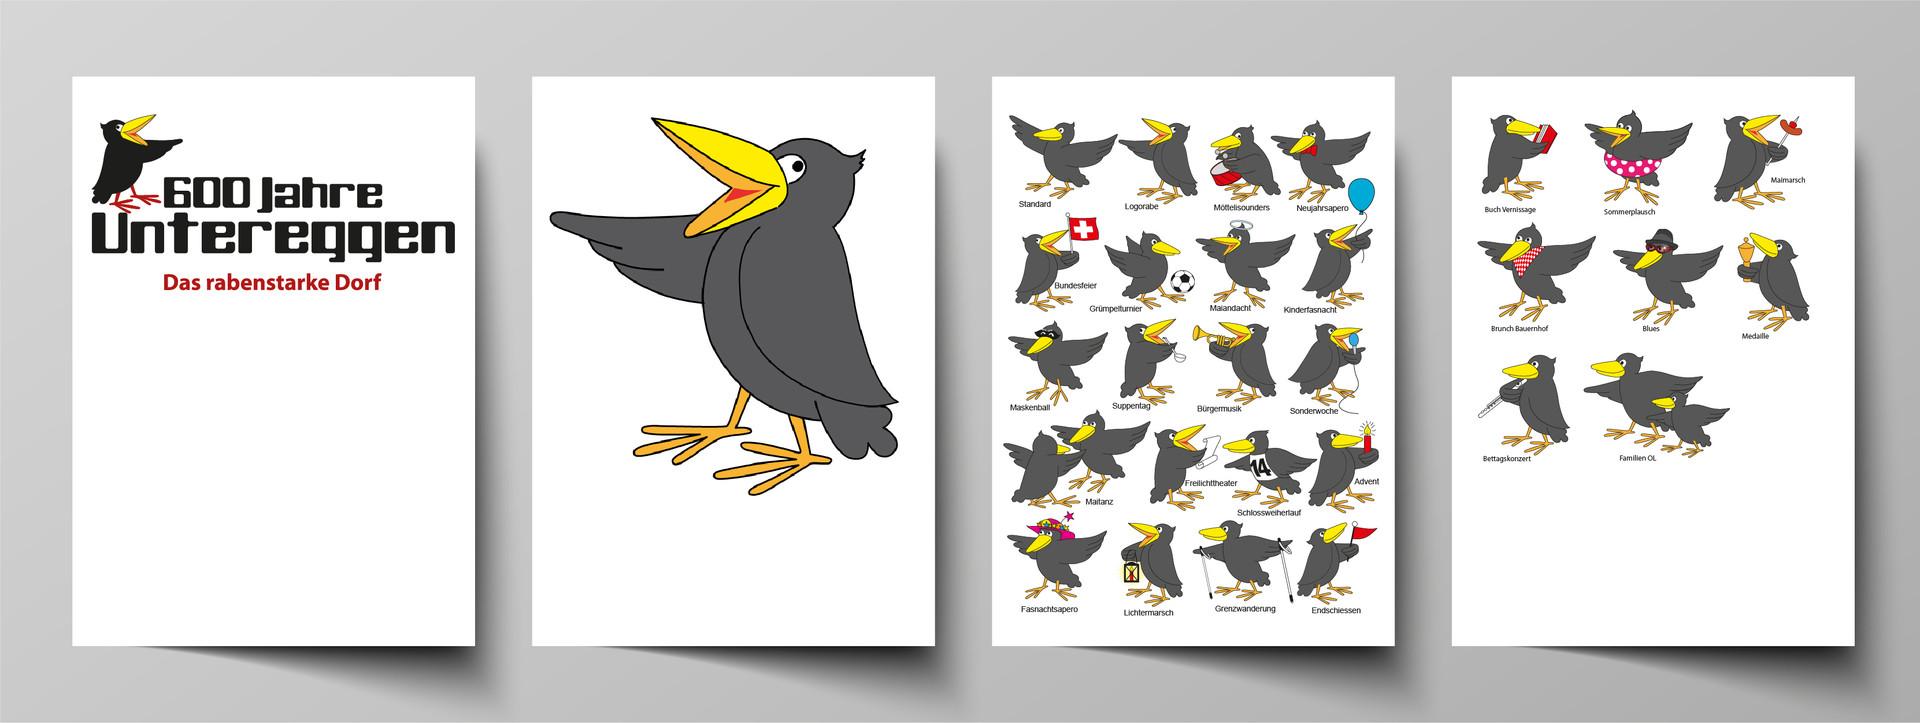 Ravy für Logo und für alle Events im Rahmen des Jubiläums